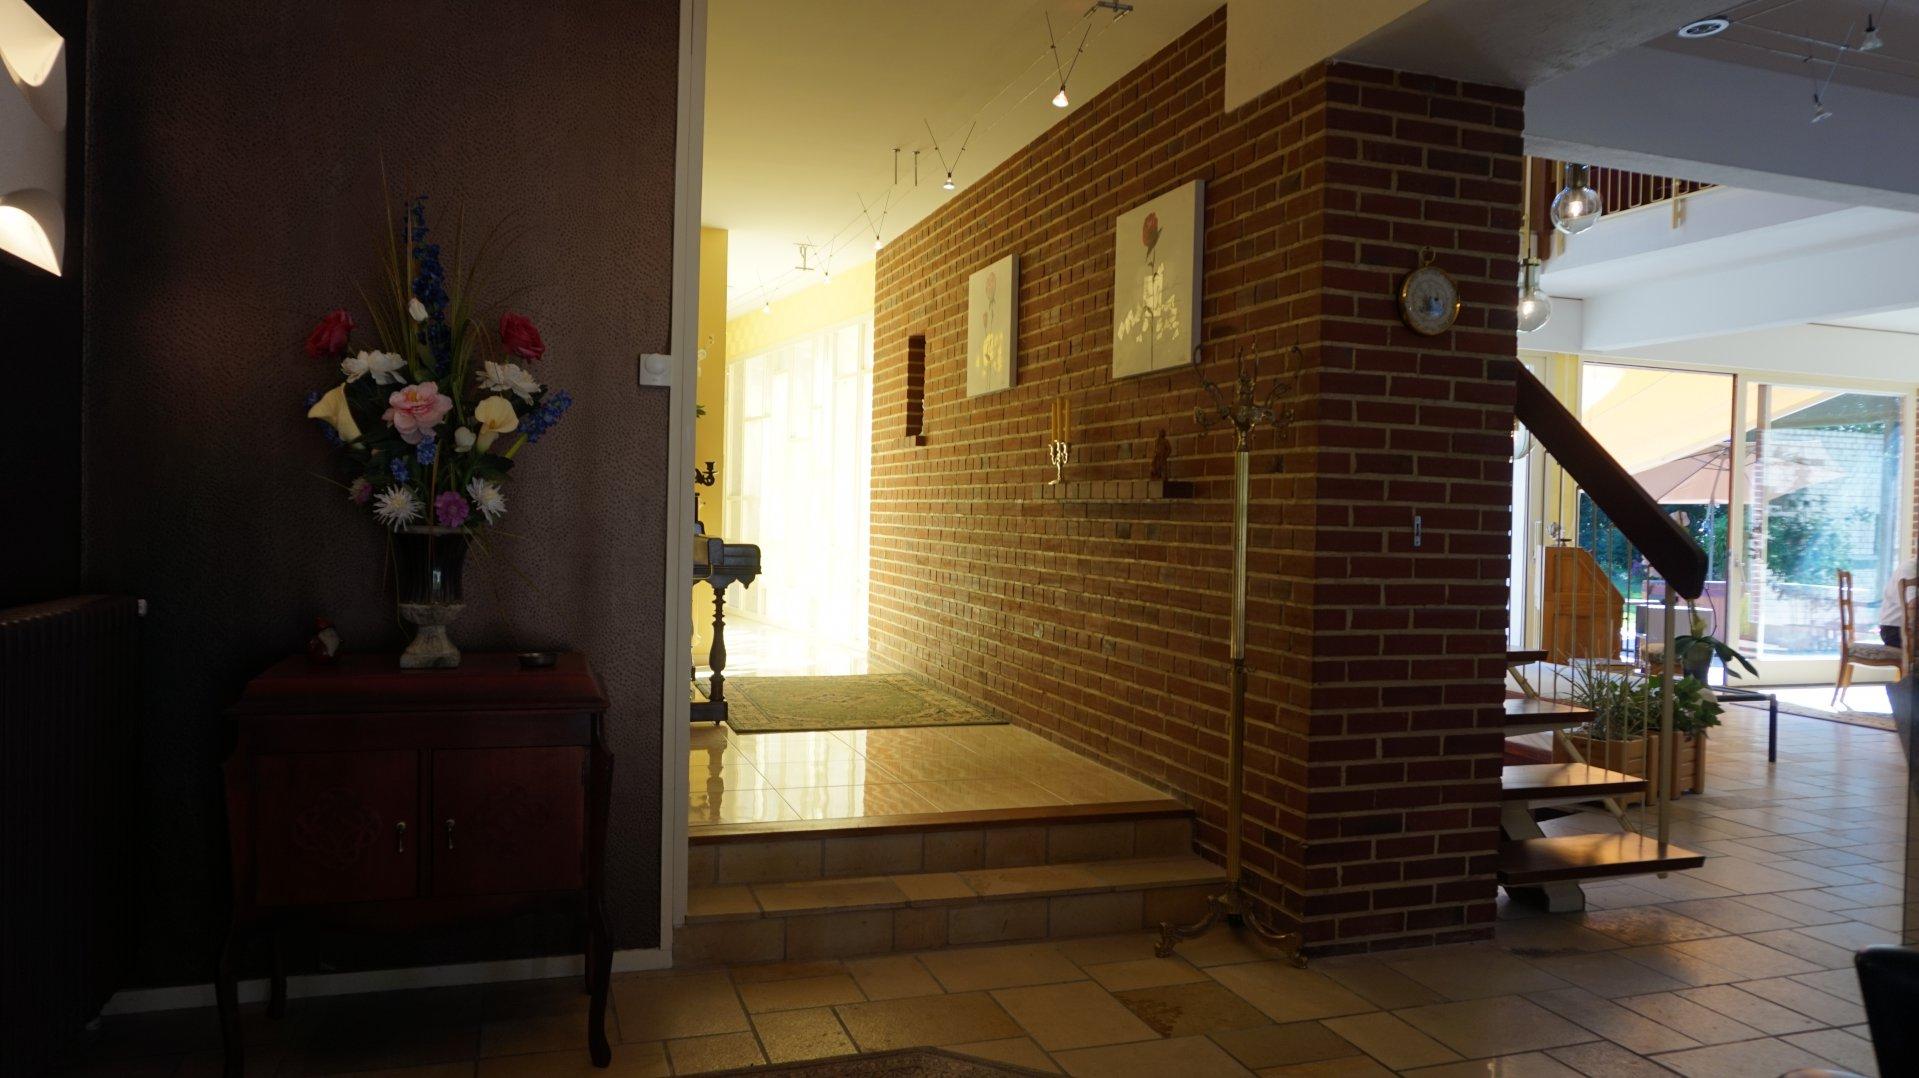 Mur en briques, lumière naturelle